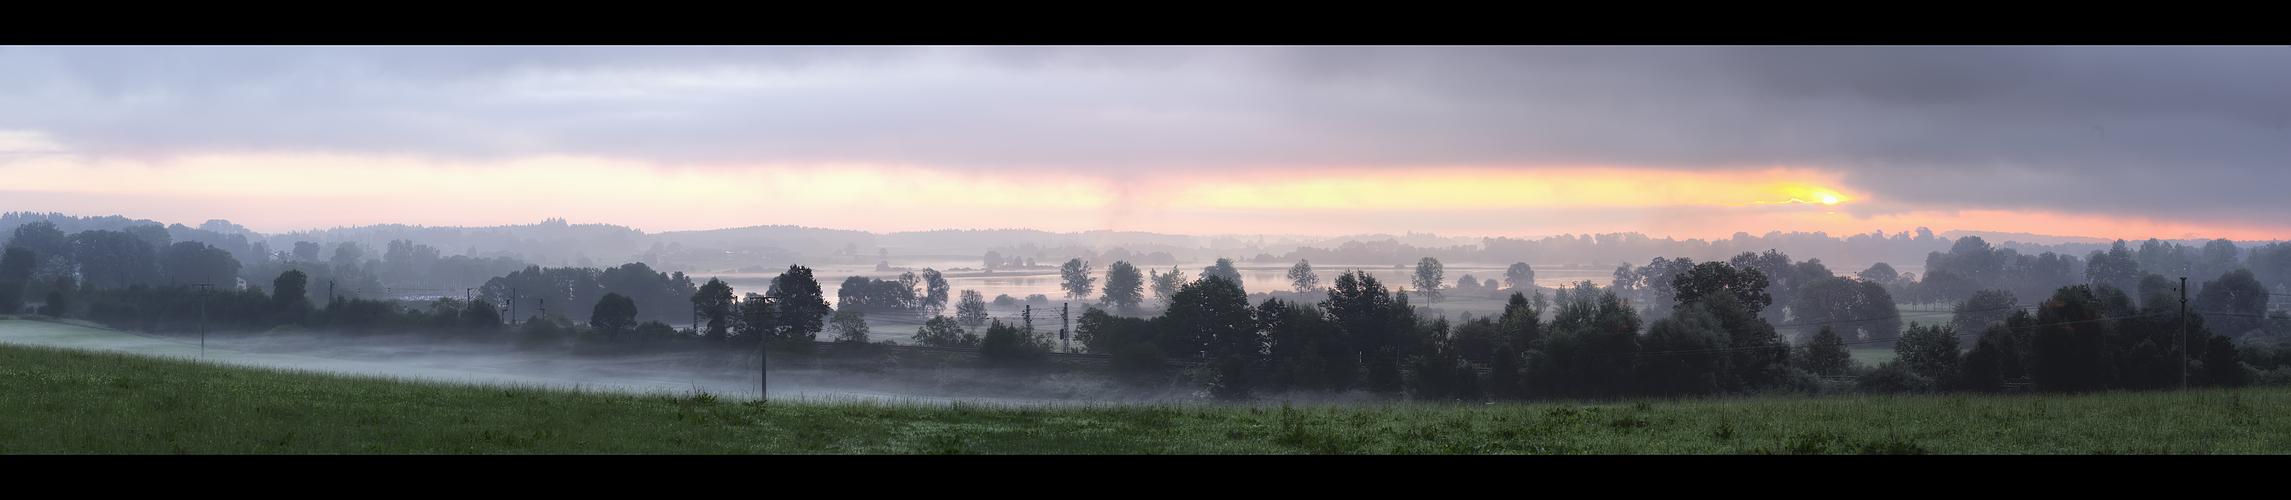 Morgen konnt über Schafwaschen am Chiemsee I (HDR Version)